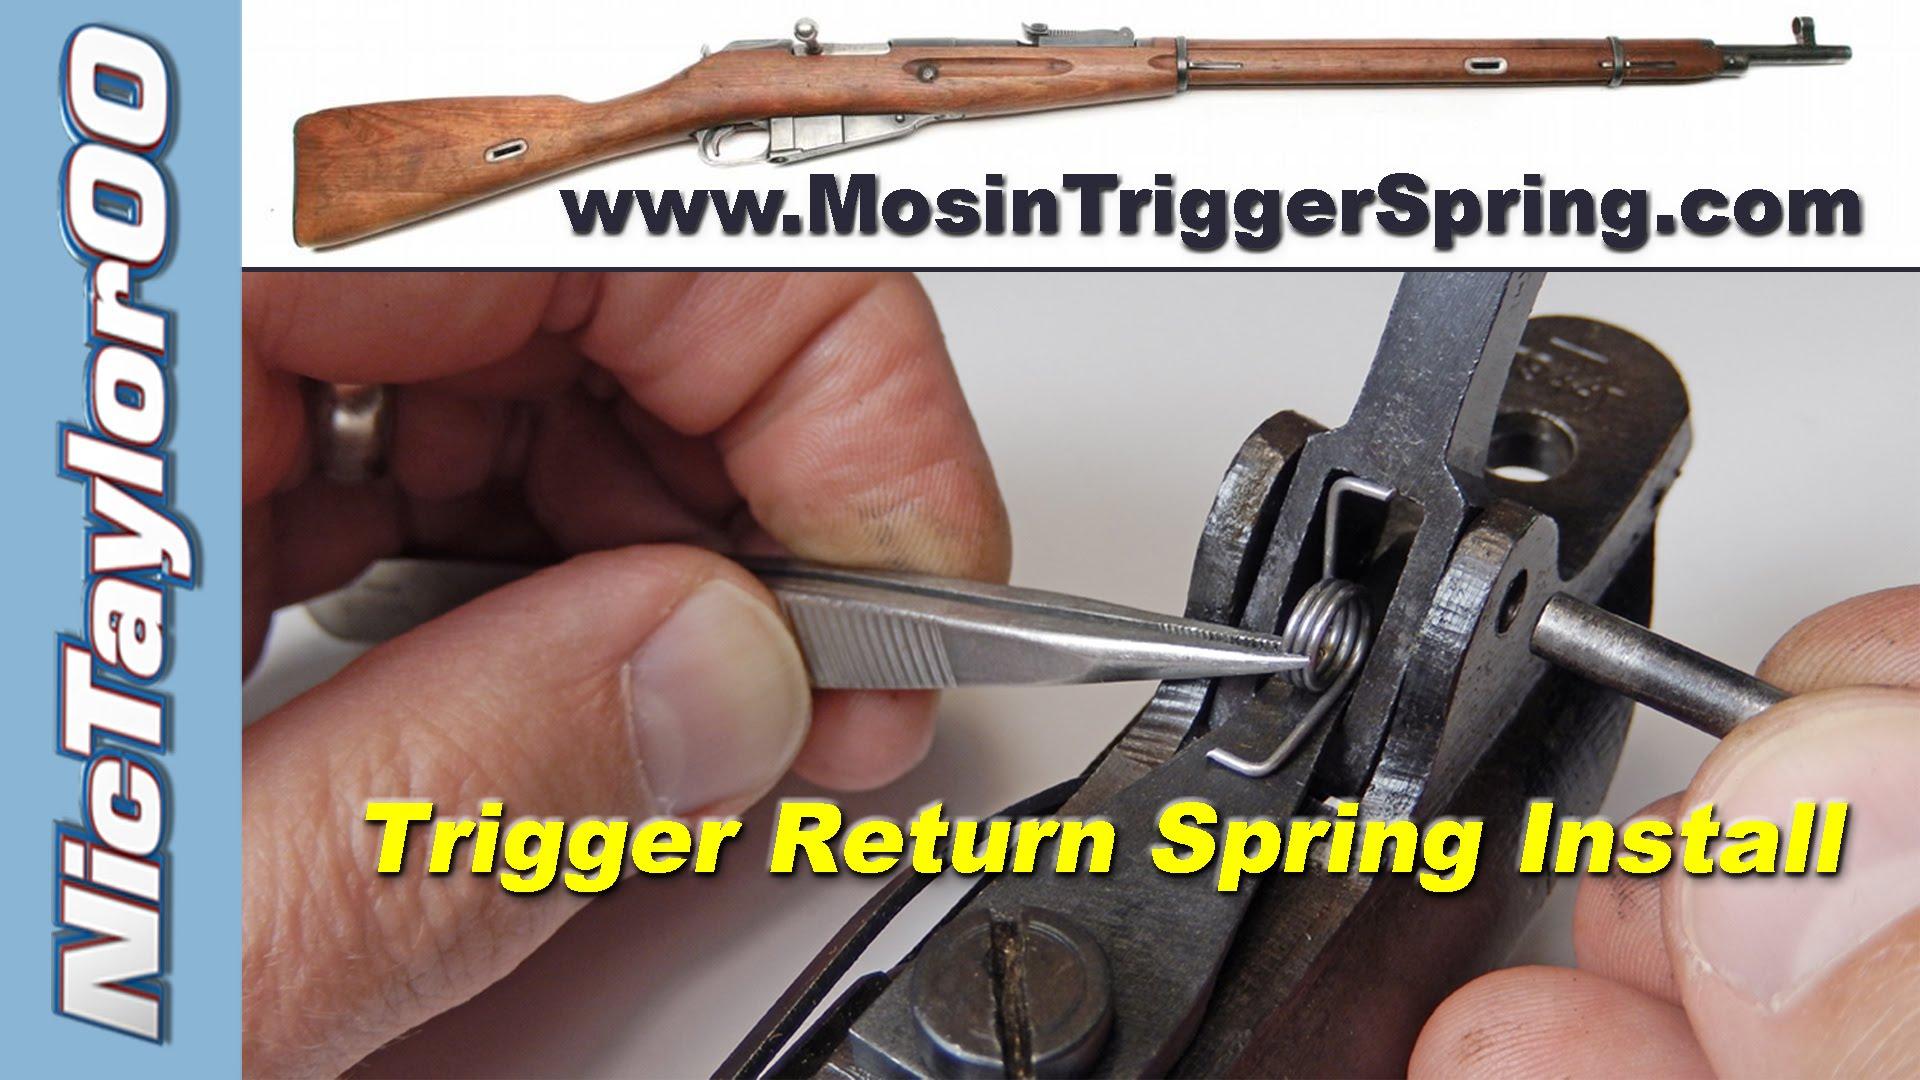 Mosin Nagant Trigger Return Spring Installation -  Simple Upgrade